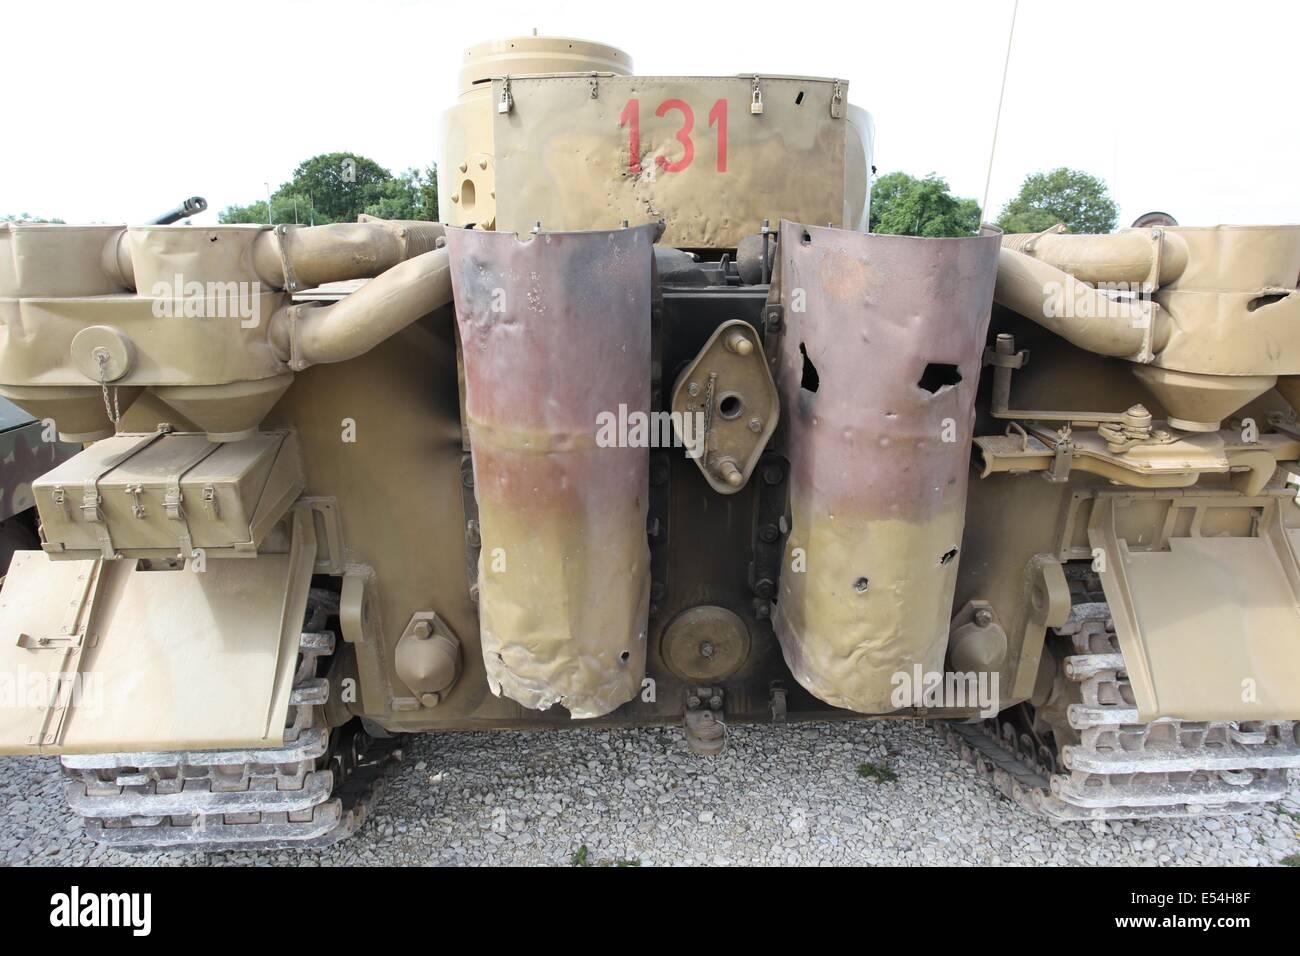 Tiger 1 - sd Kfz 181 Panzerkampfwagen VI Ausf E - Stock Image